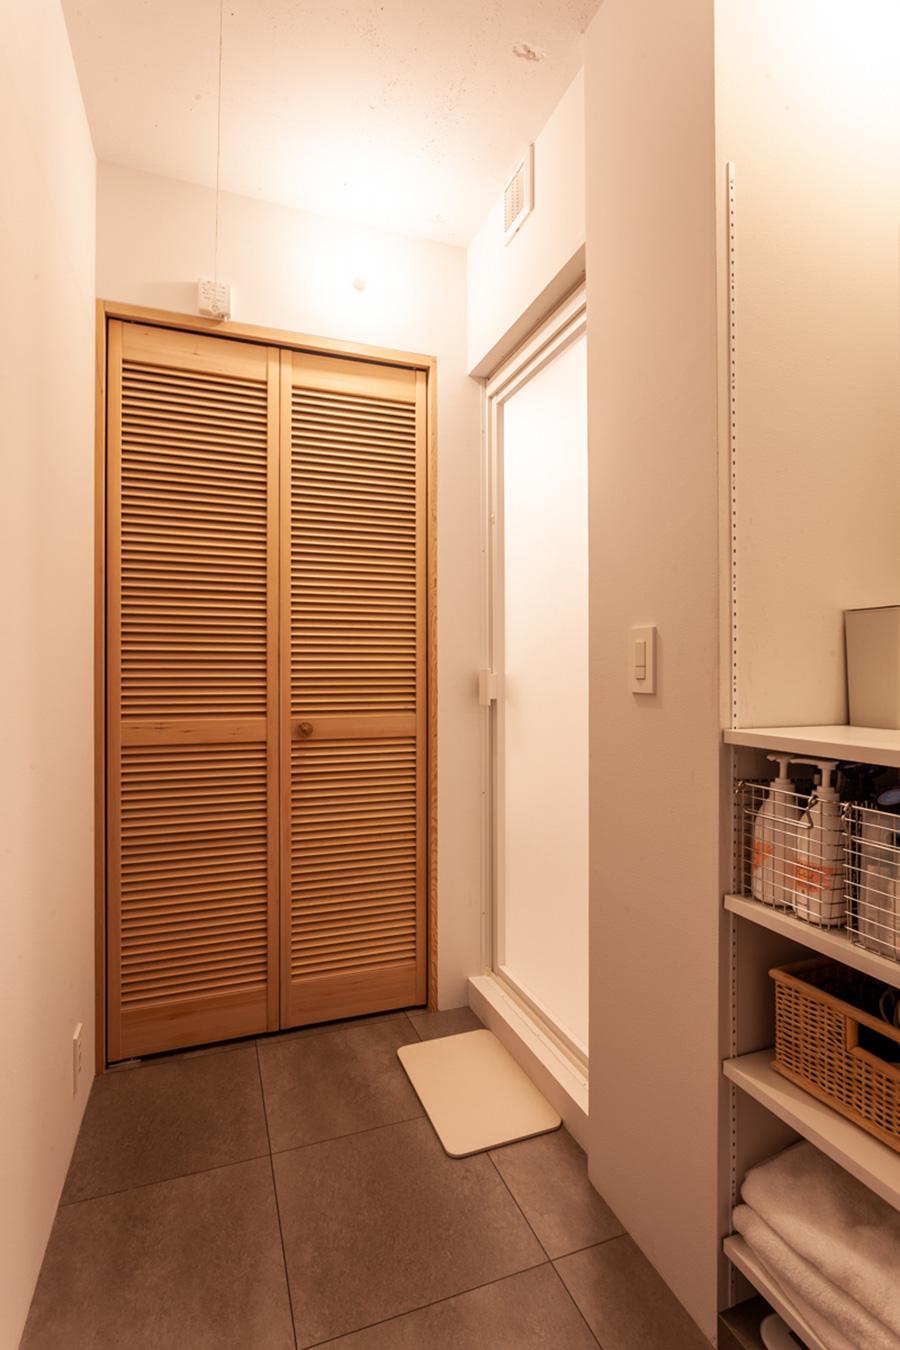 ドアの奥にある脱衣室とバスルーム。使うときだけ引き出せる洗濯ロープを設置。床にはグレーのタイルを。